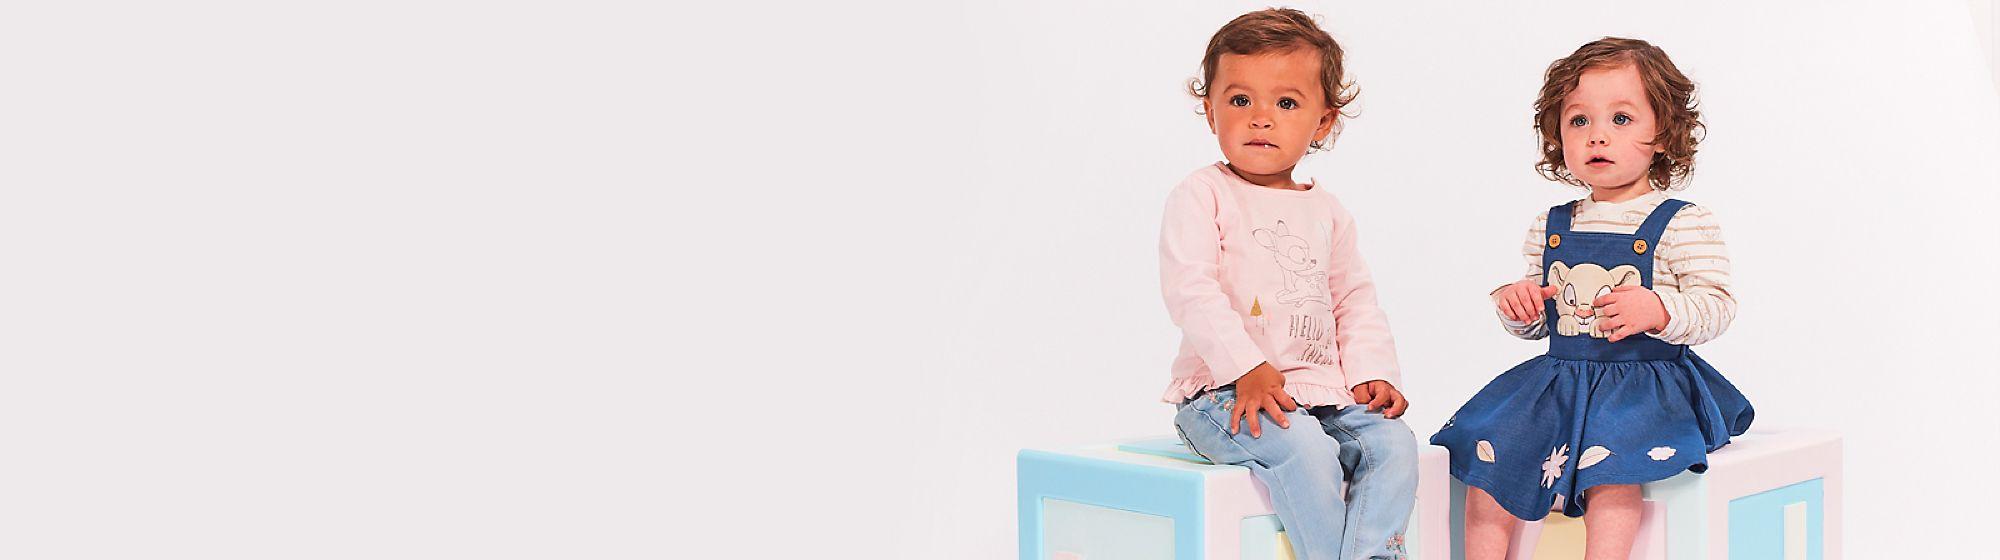 Babykleidung für Mädchen Lass dich inspirieren und entdecke unsere wunderbare Auswahl an Babymode für Mädchen.